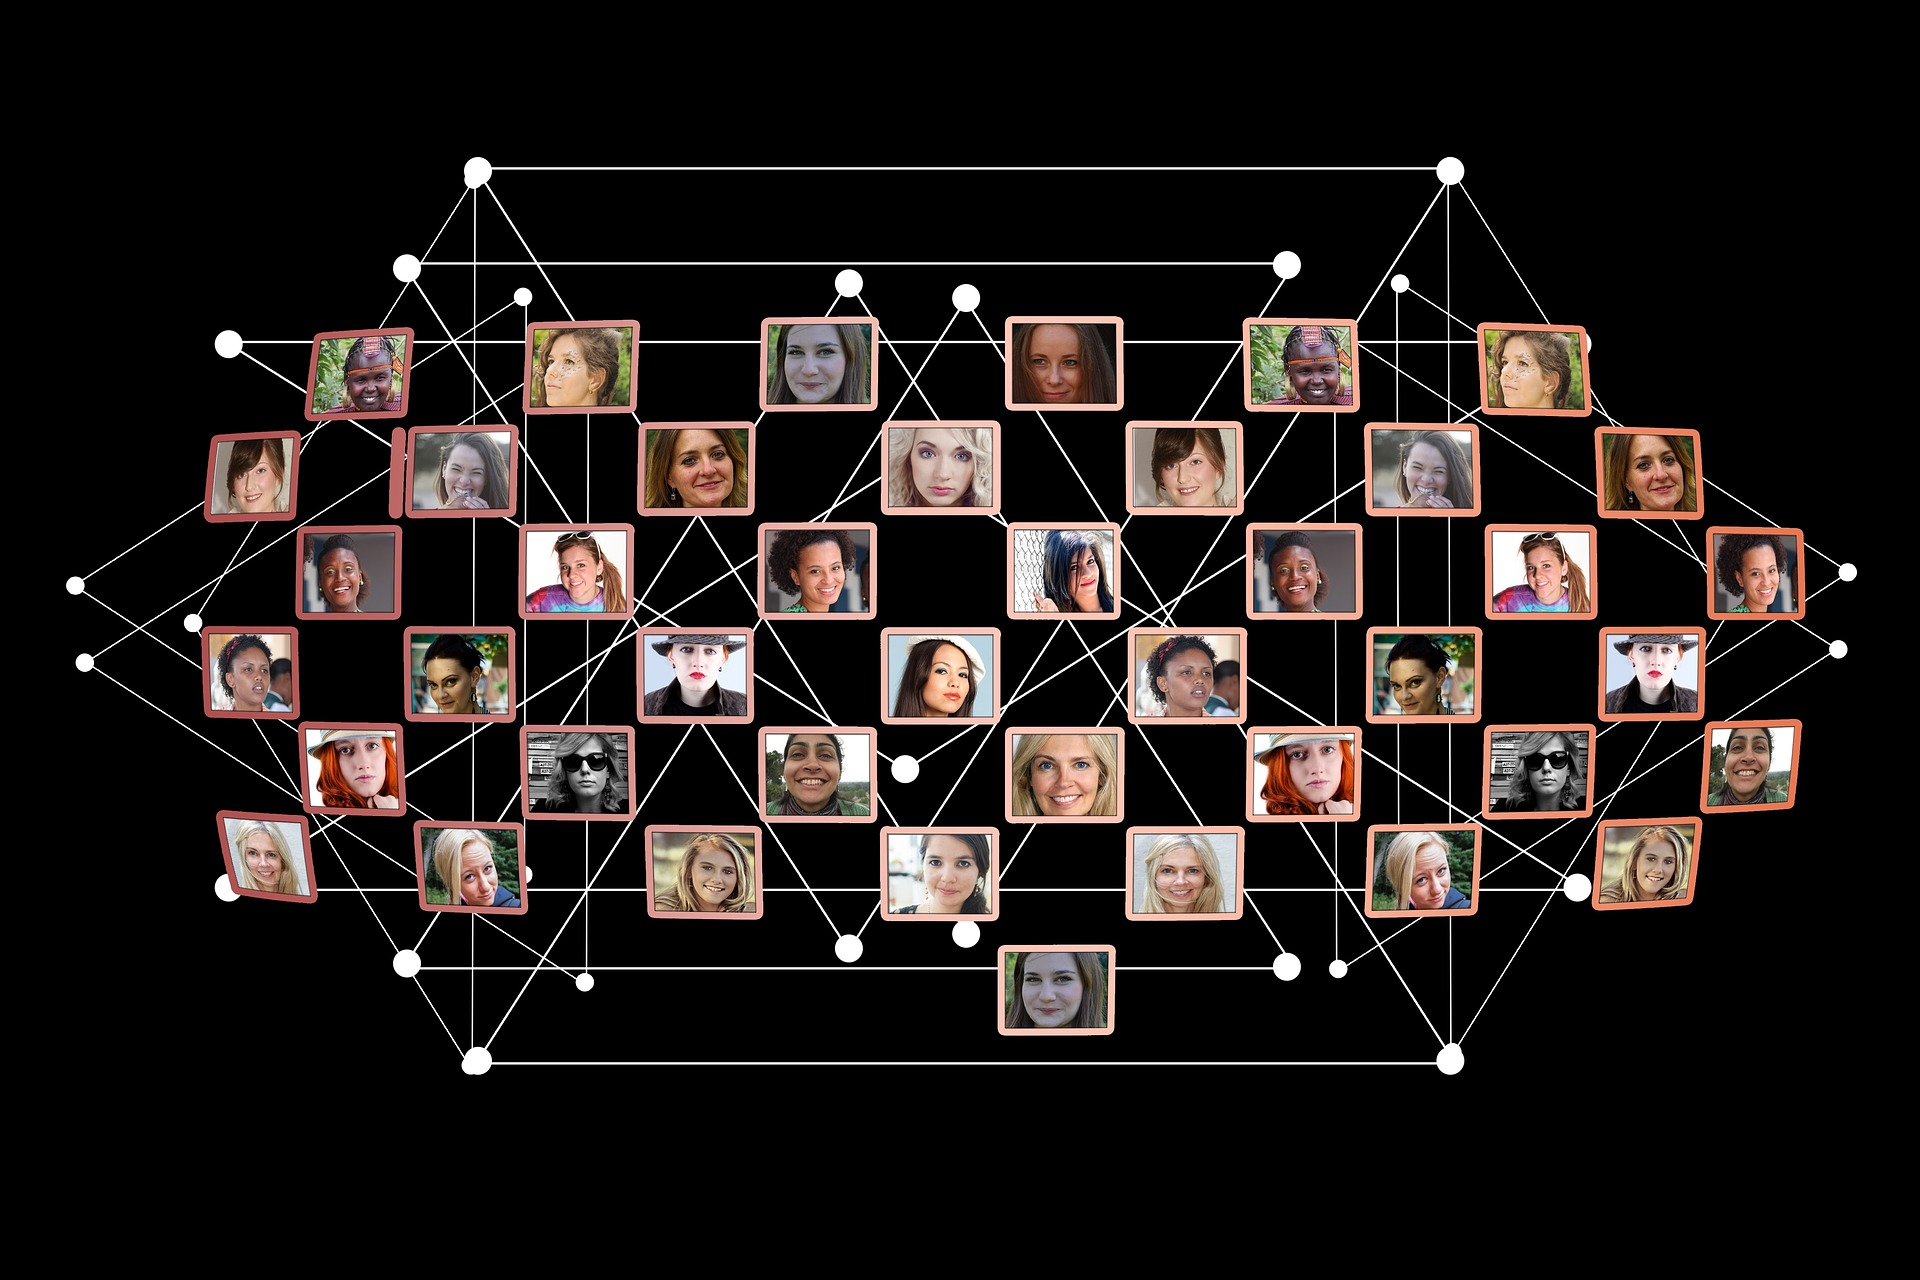 Connexion de visages sur fond noir